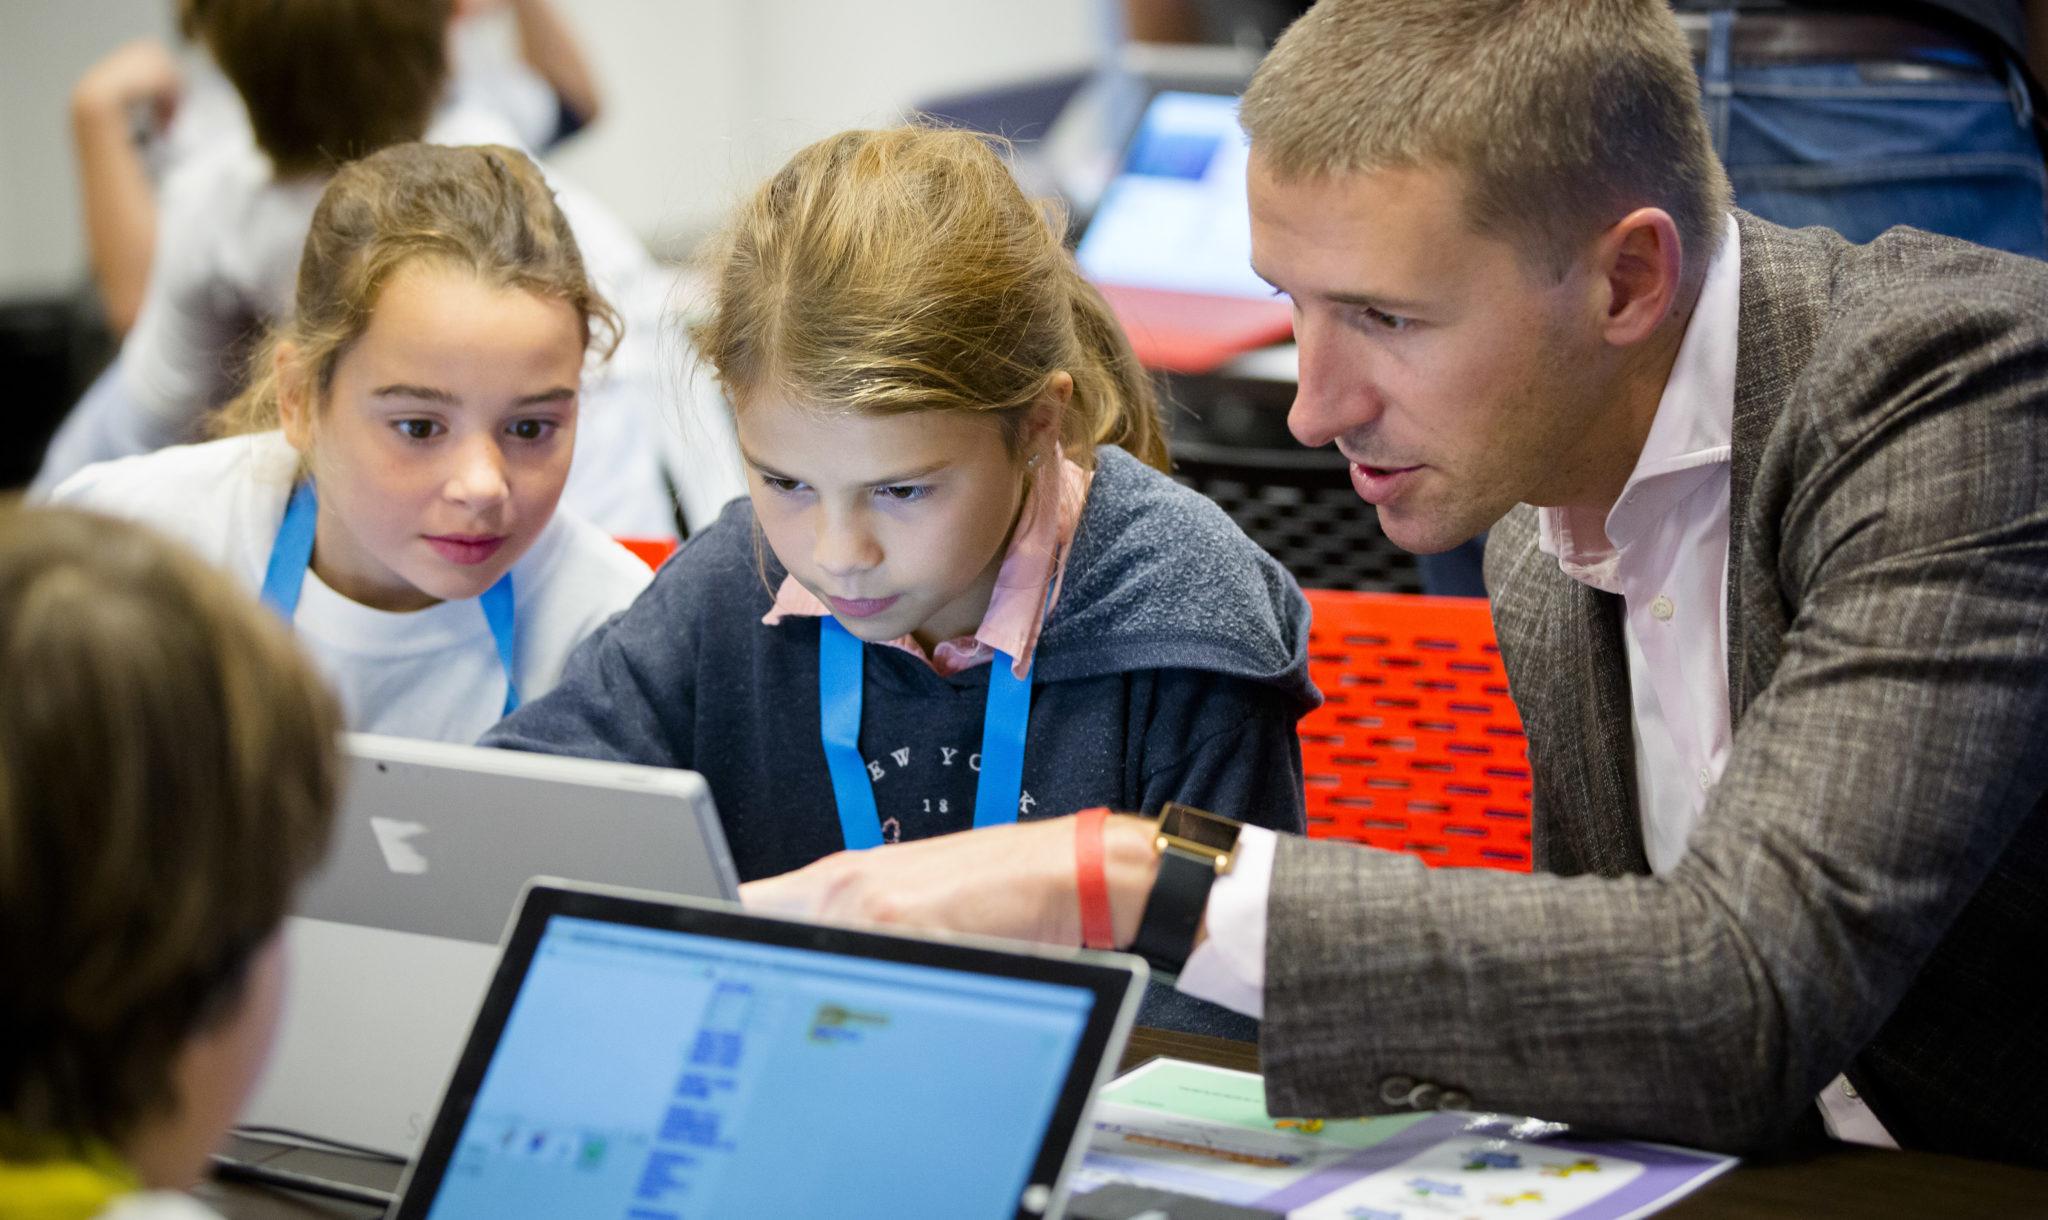 Waarom Techbedrijven Kinderen Leren Programmeren Elsevier Weekblad